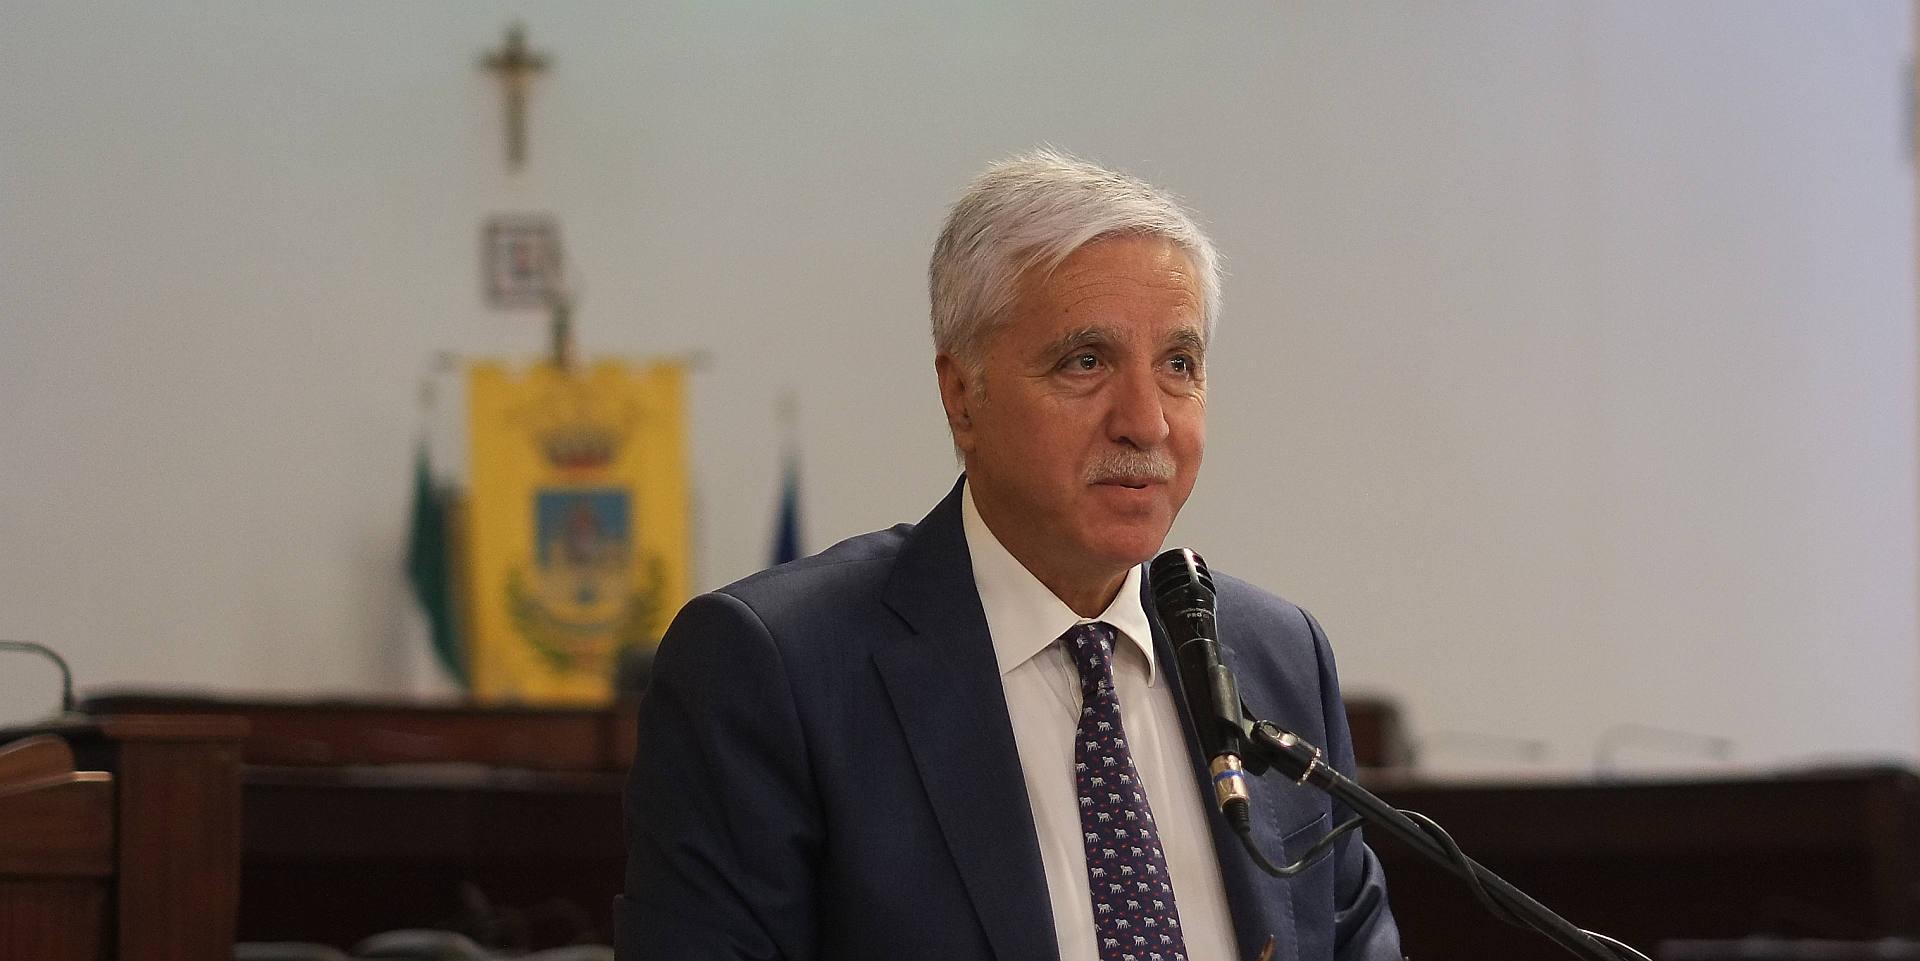 Giovanni Bavetta